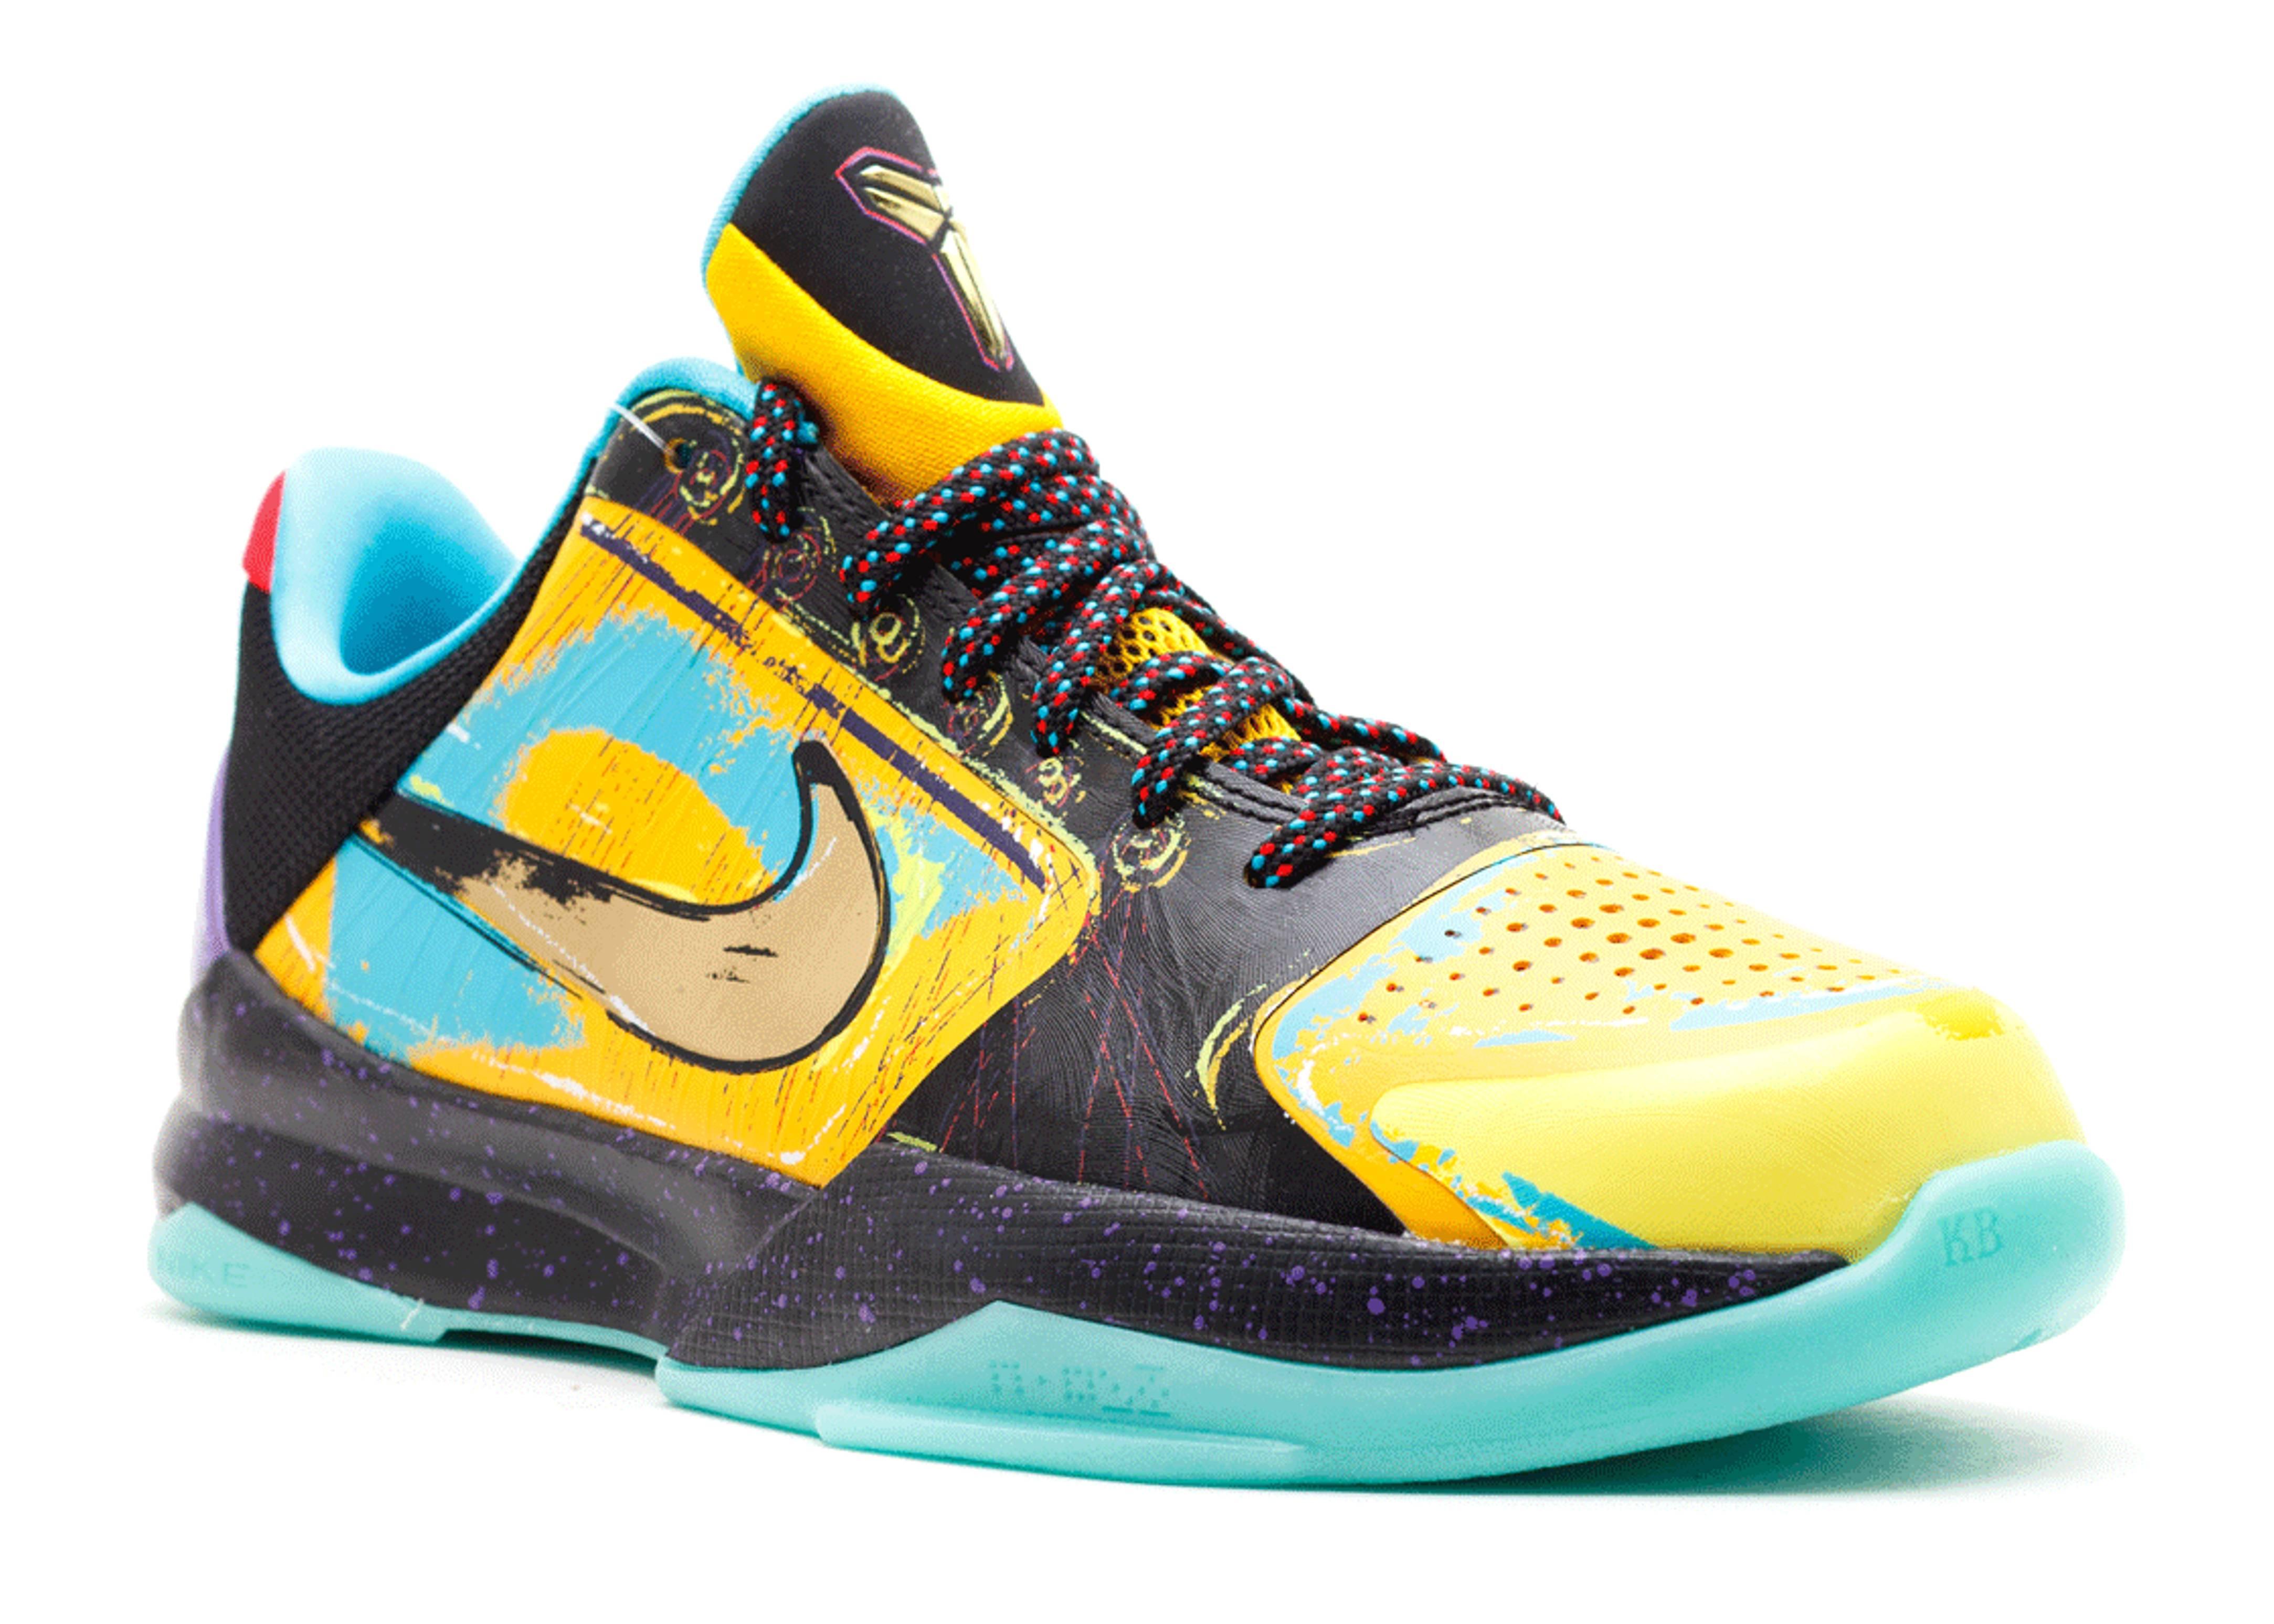 Happy Birthday Mamba The Kobe Bryant adidas And Nike